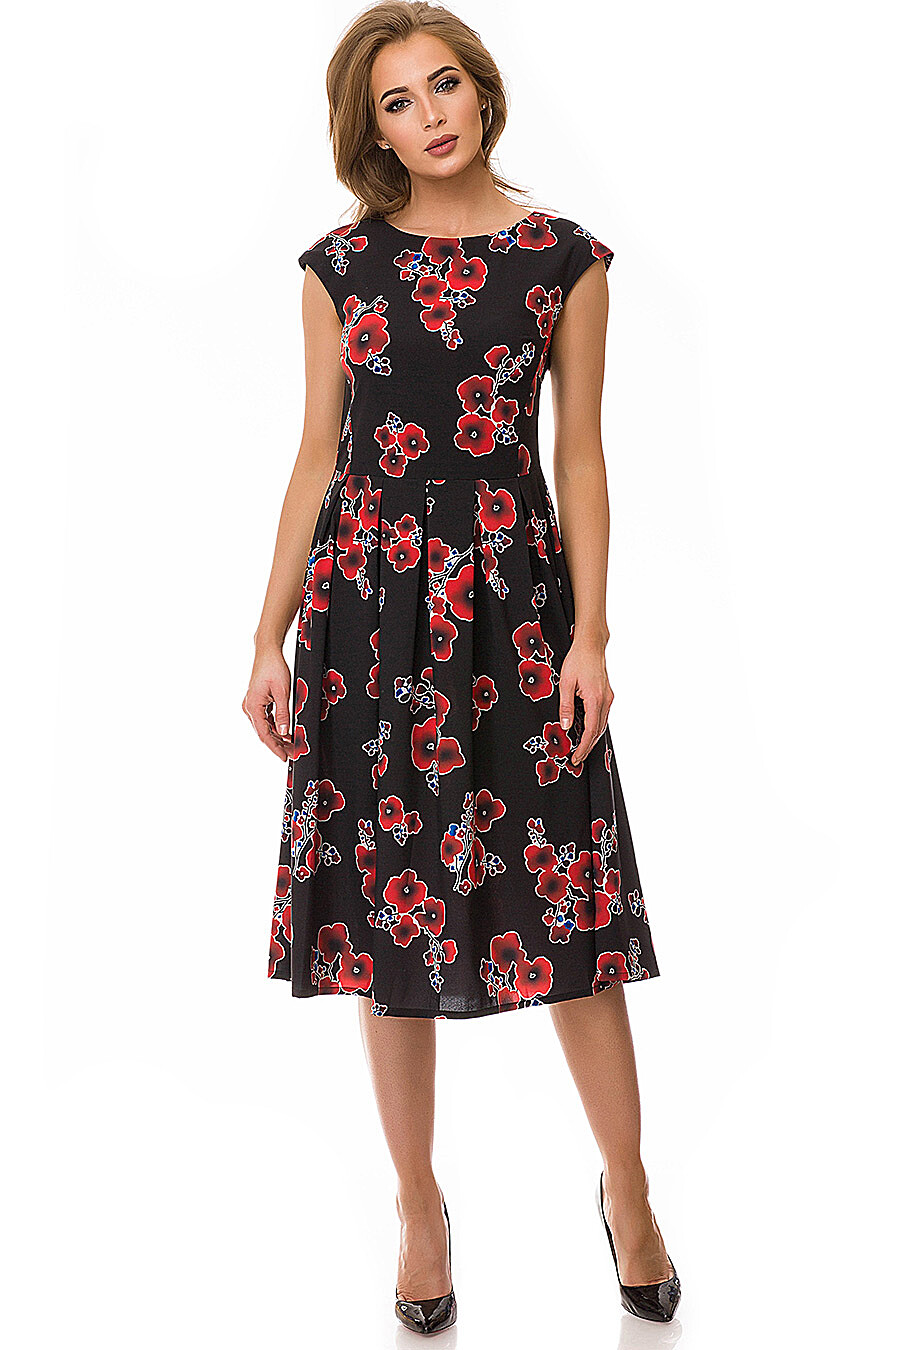 Платье #78186